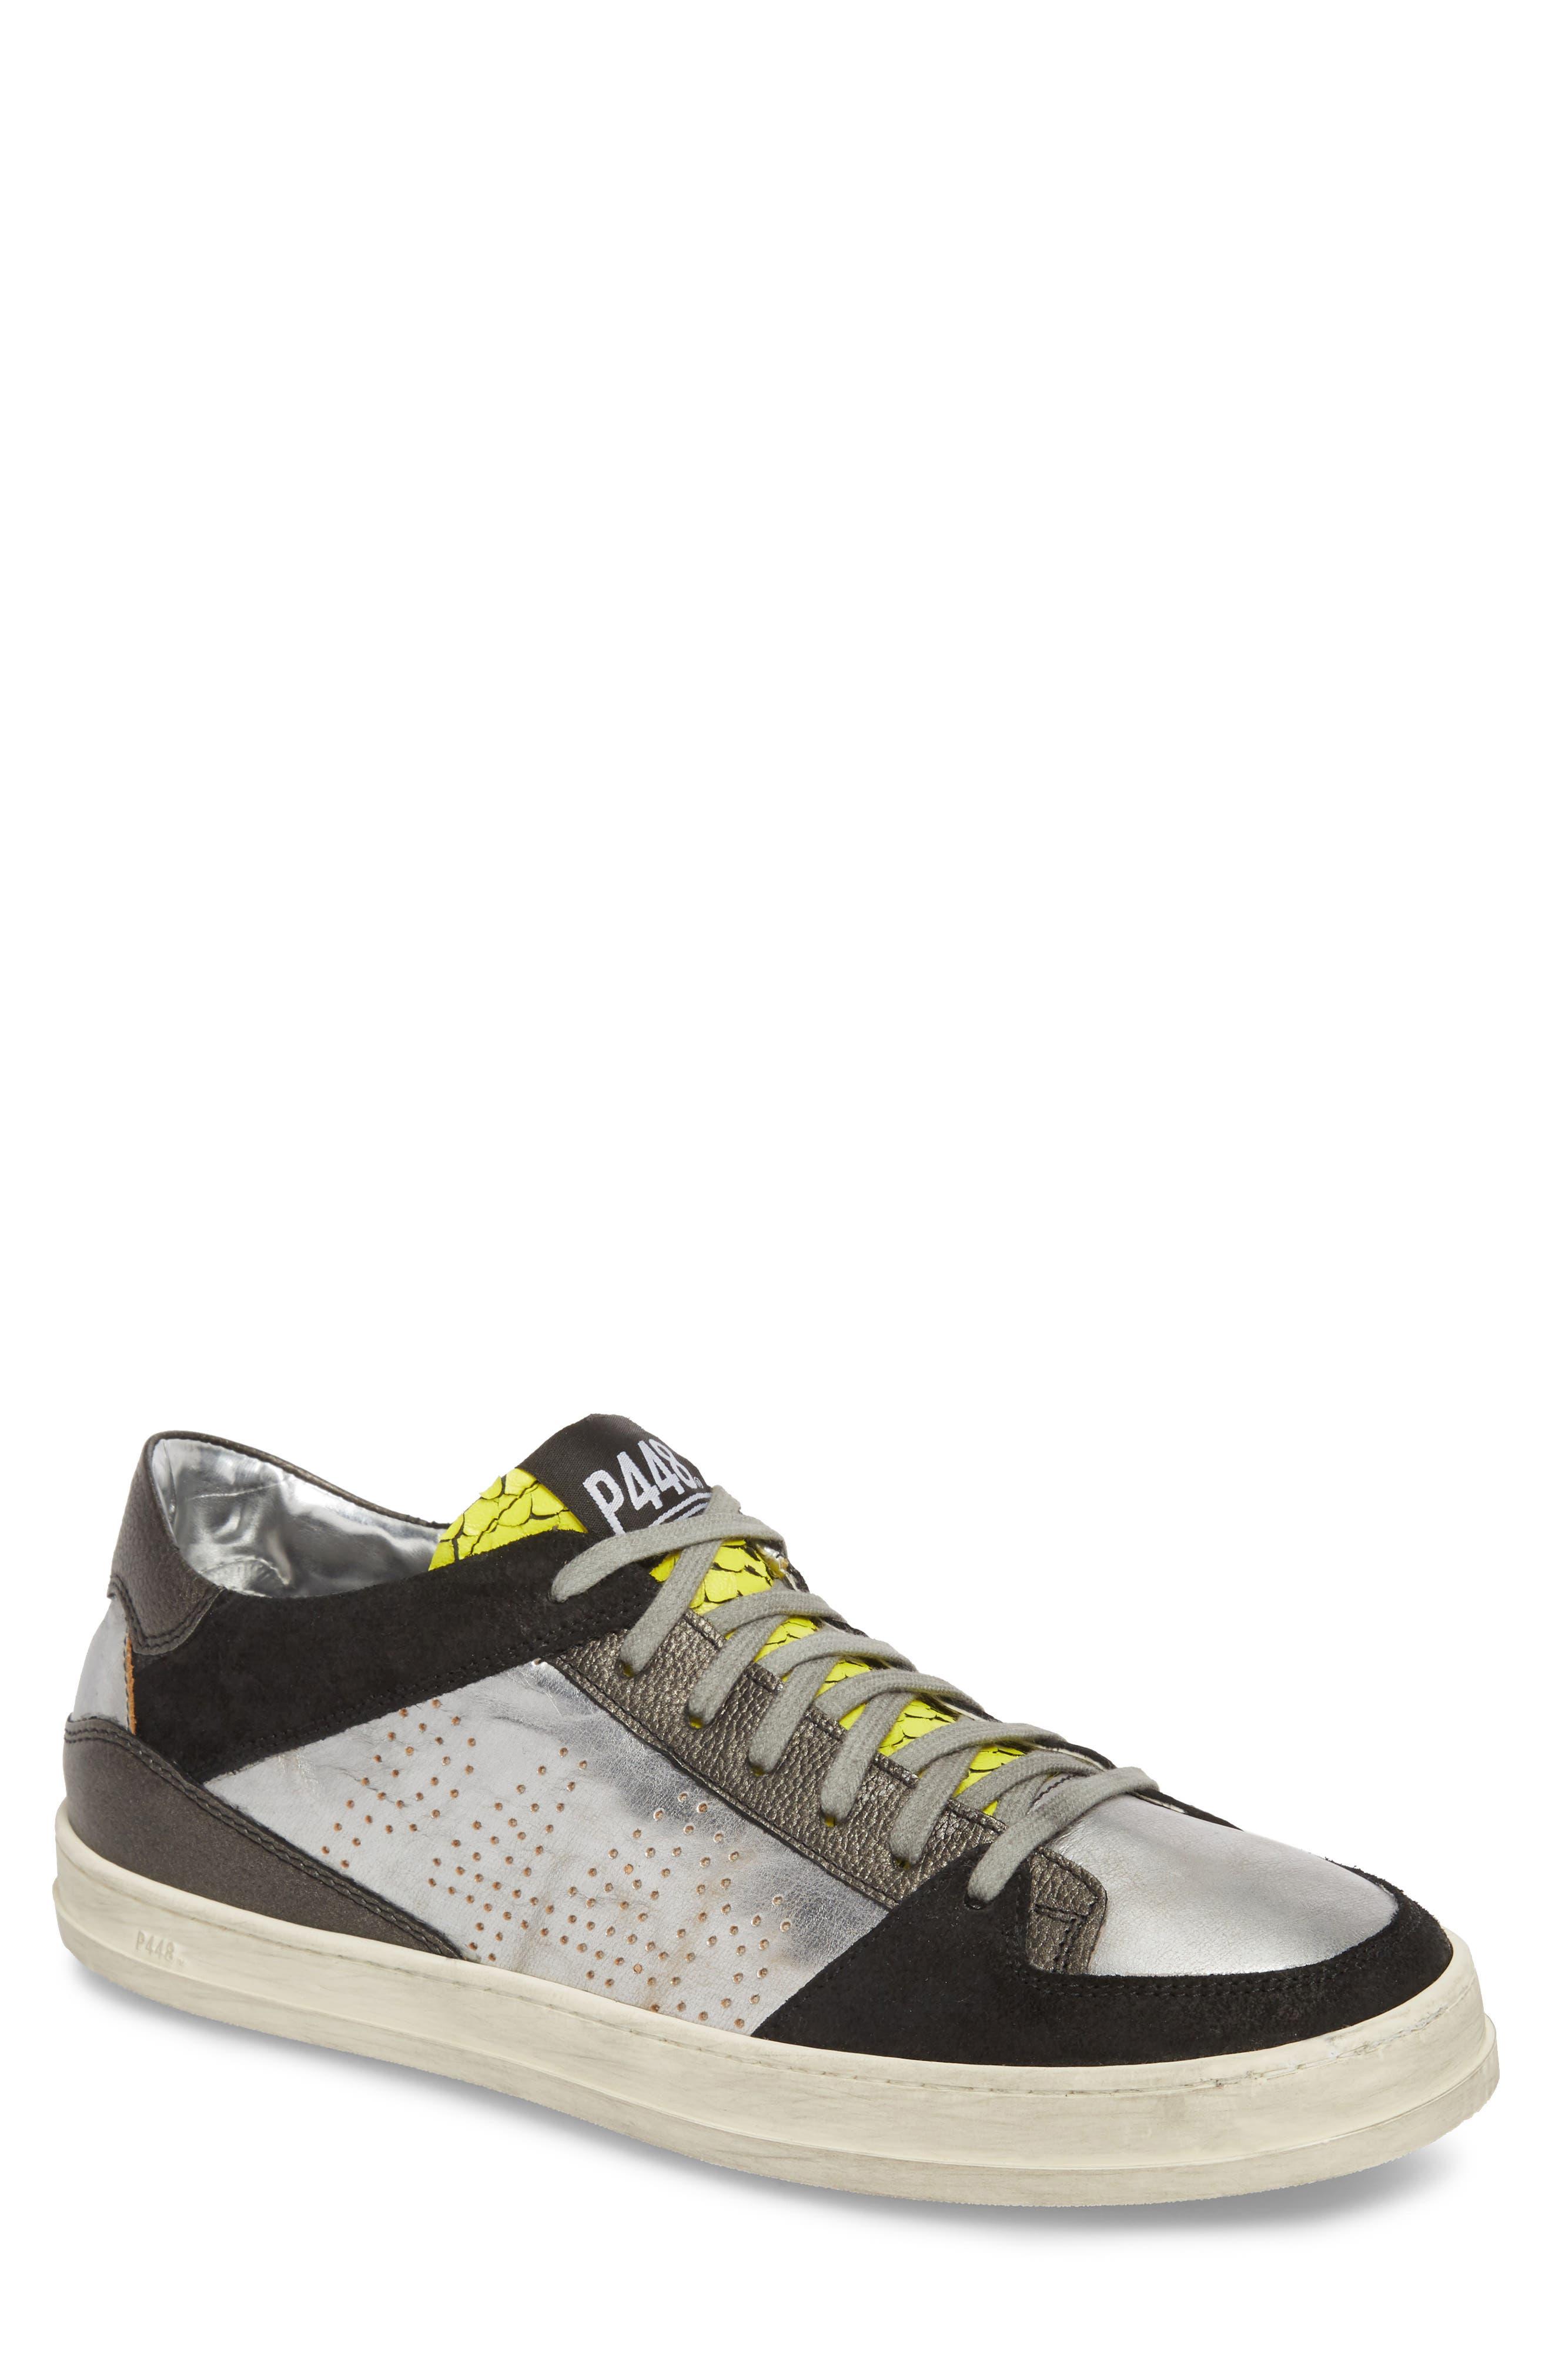 Main Image - P448 Queens Mesh Low Top Sneaker (Men)